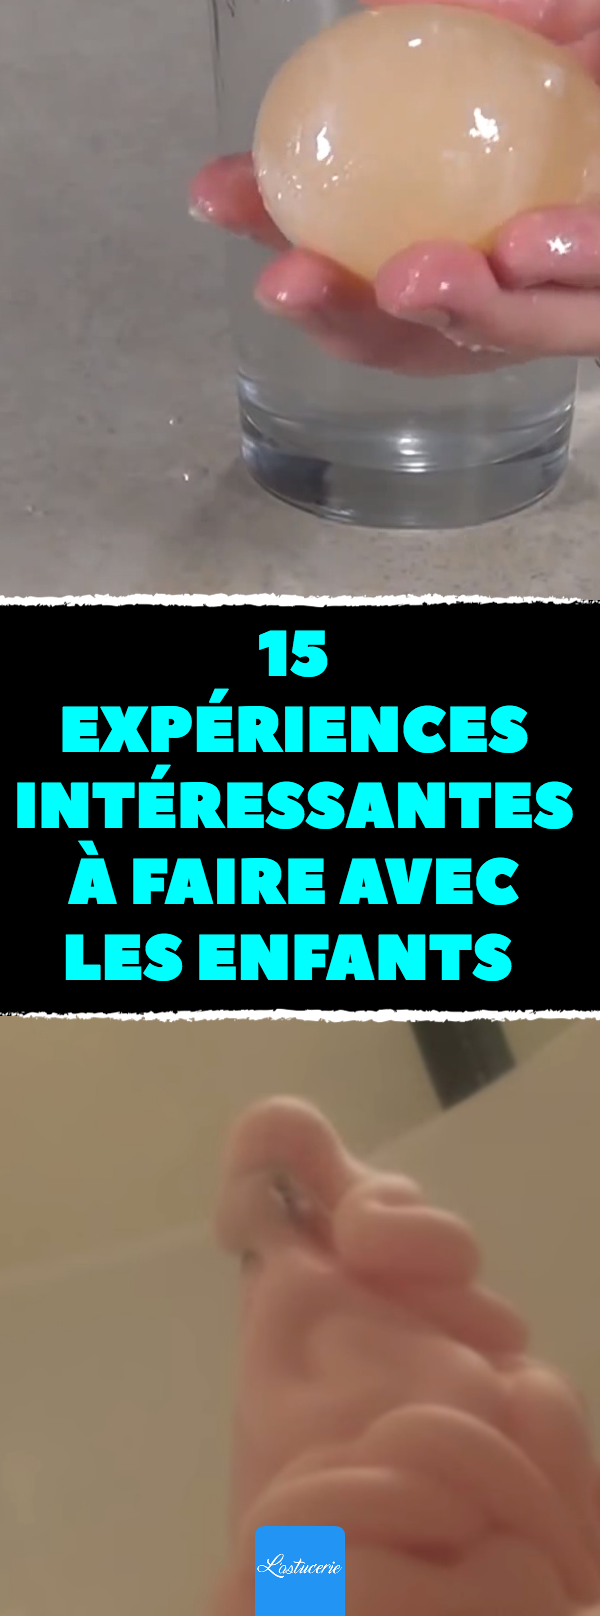 15 expériences intéressantes à faire avec les enfants